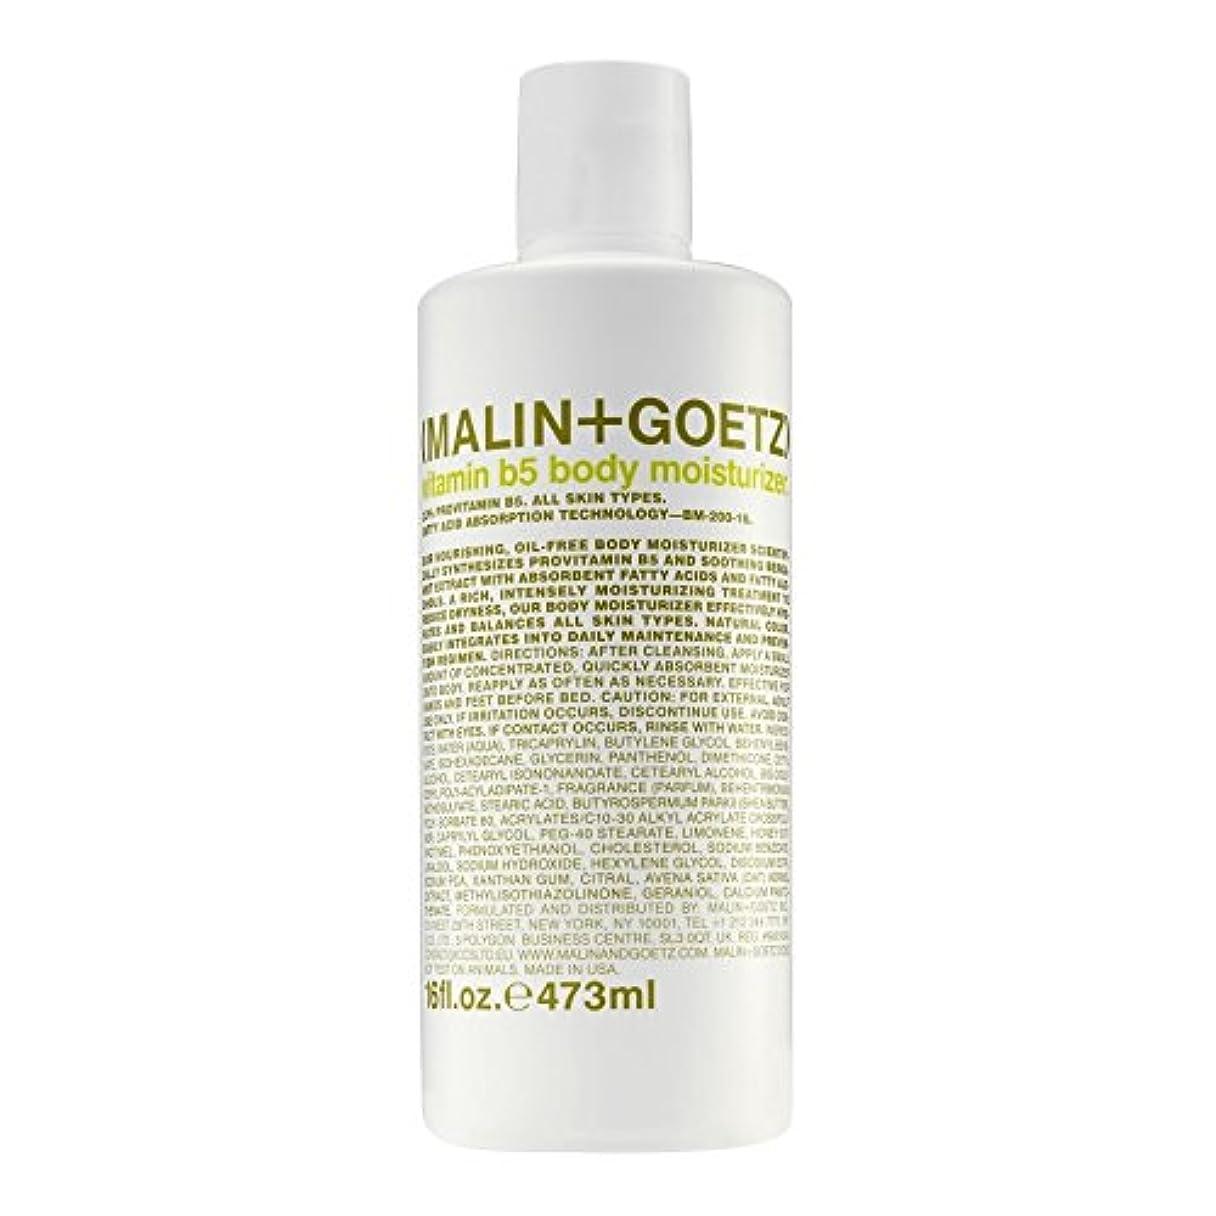 食料品店エーカー秘書MALIN+GOETZ Vitamin B5 Body Moisturiser 473ml - マリン+ゲッツビタミン5ボディモイスチャライザーの473ミリリットル [並行輸入品]